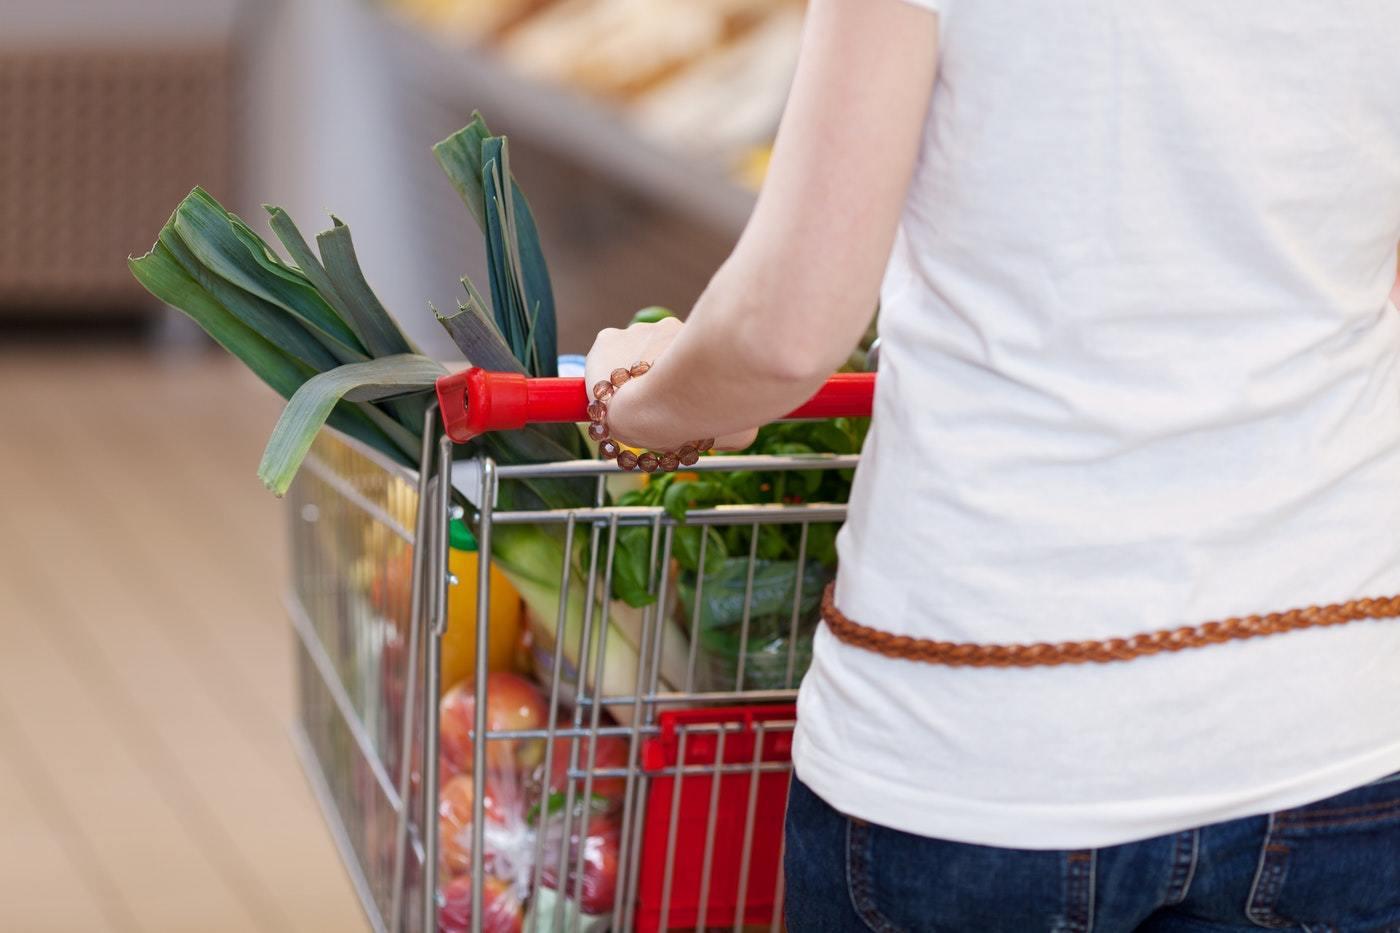 多吃有机食品的人患癌几率更低?或因他们更有钱